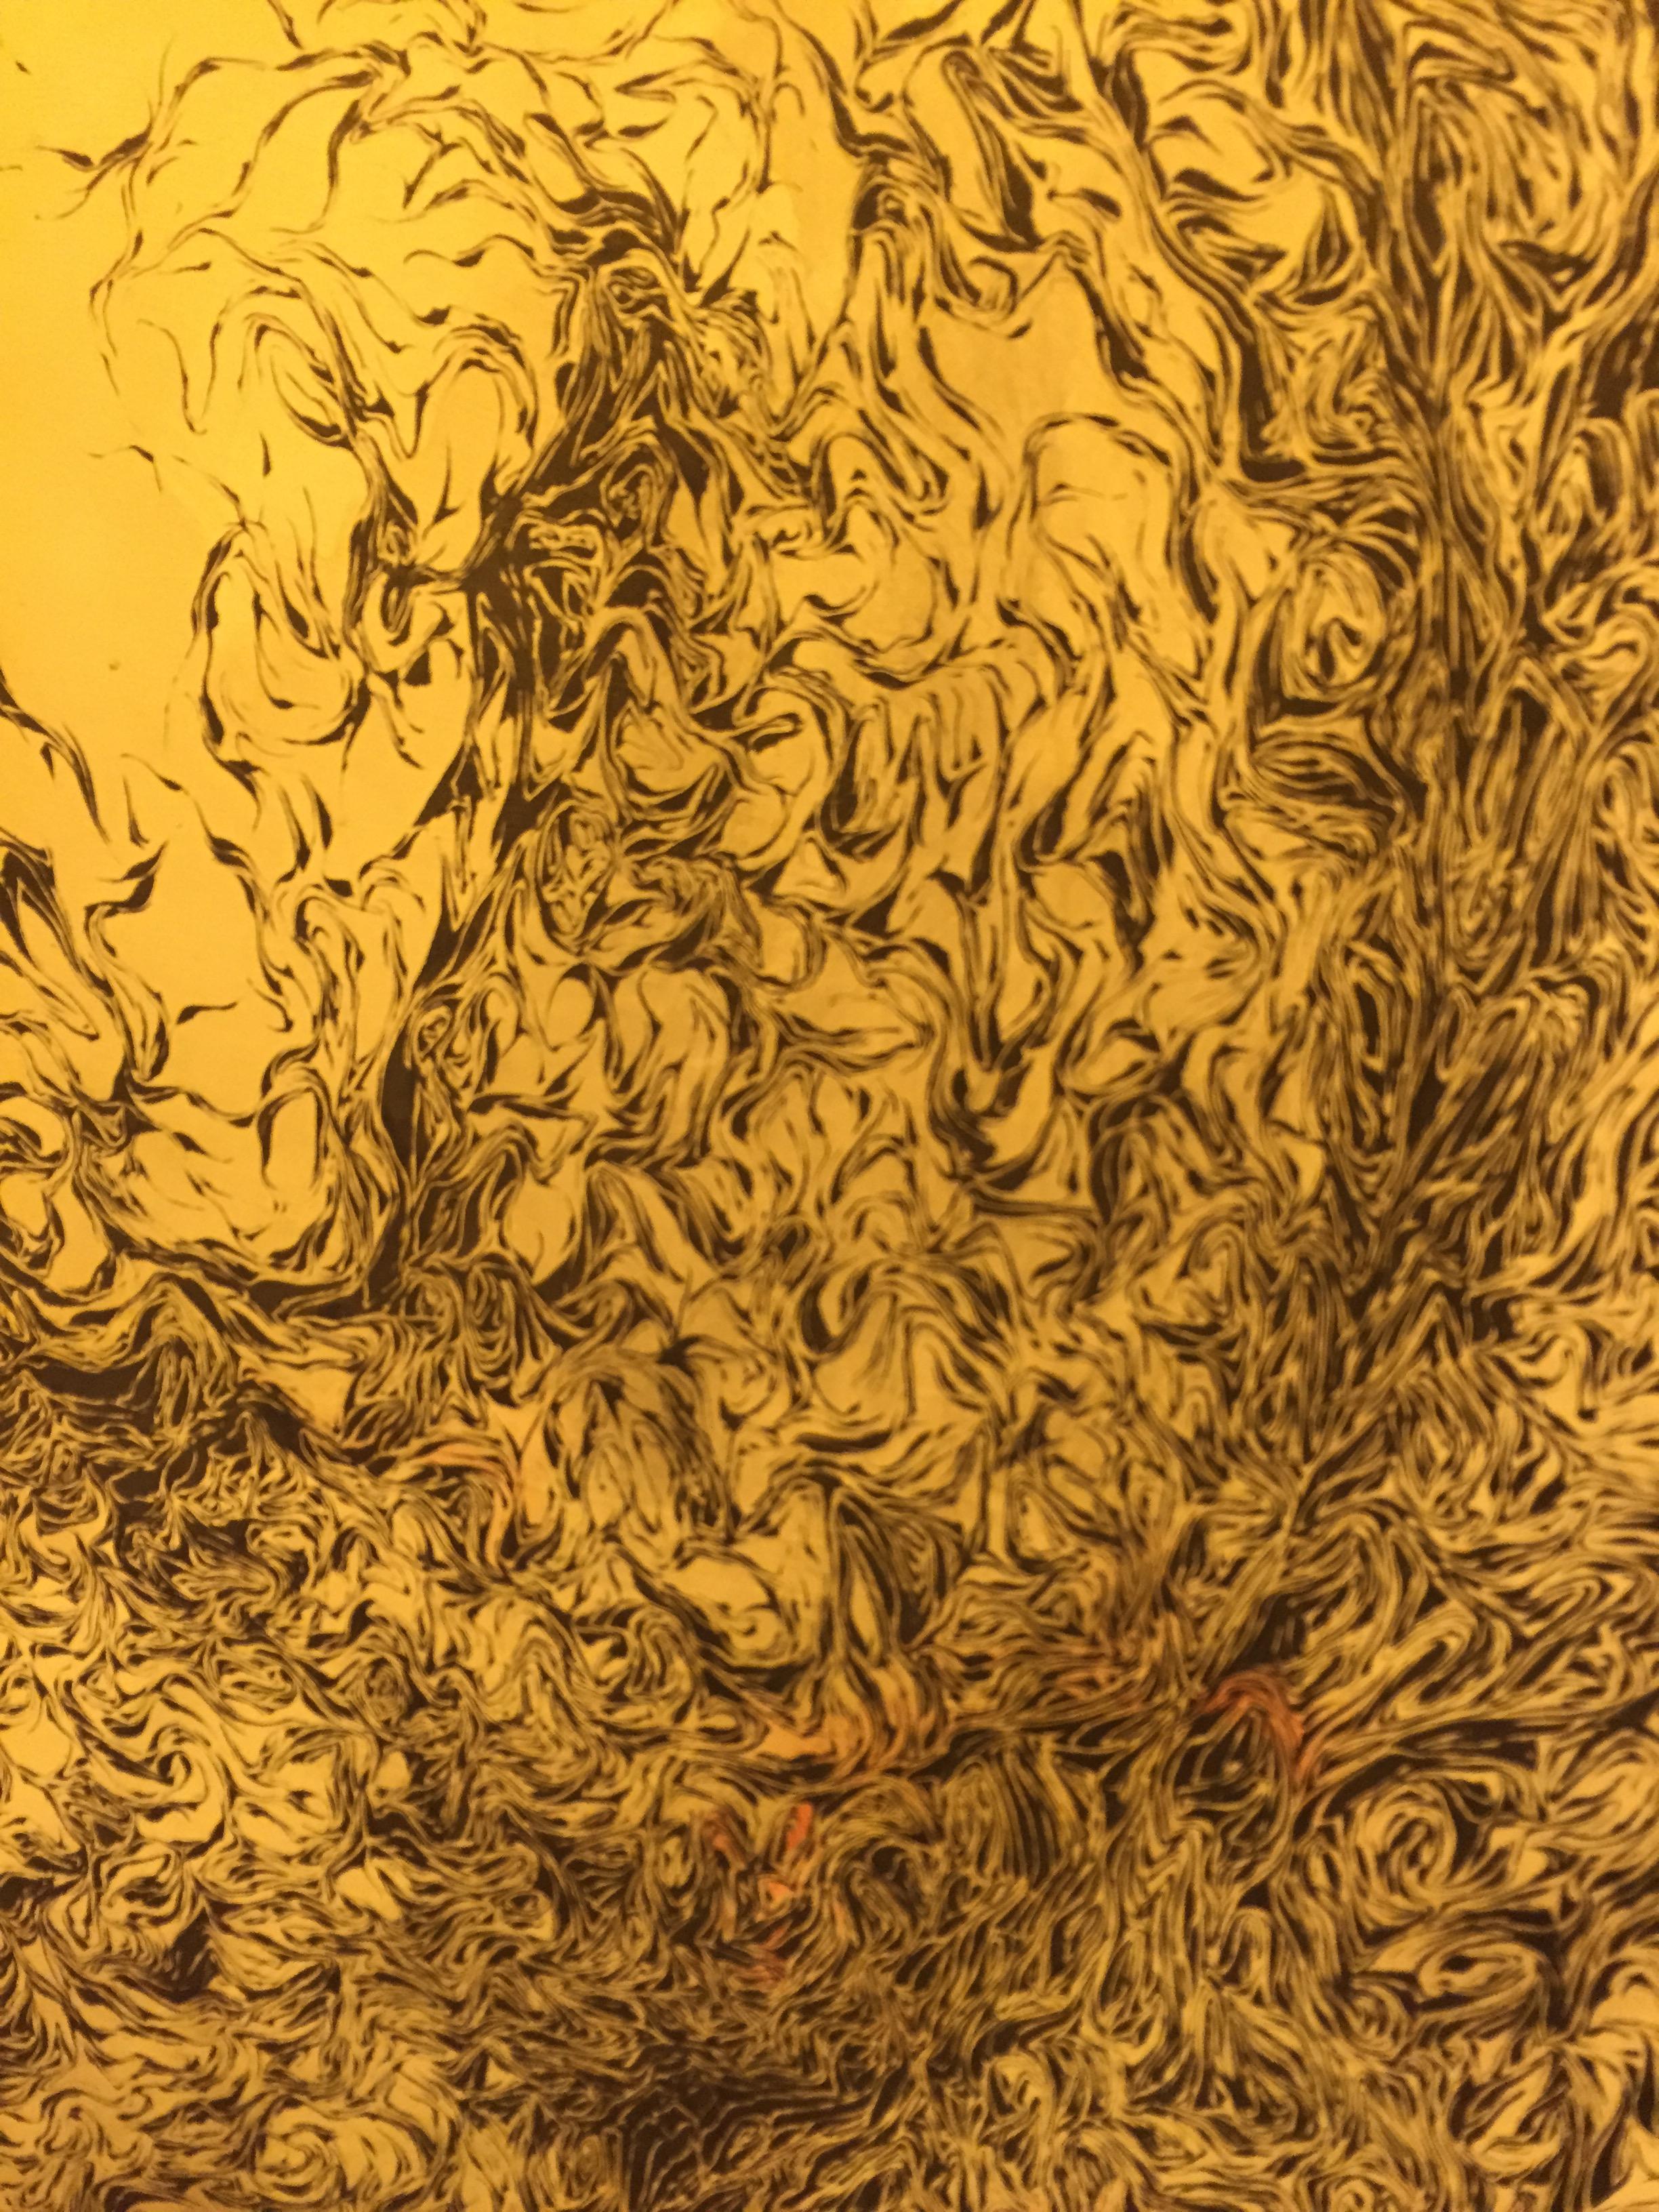 nathalie bergiers artworks 2014 @ hugo neumann brussels 17